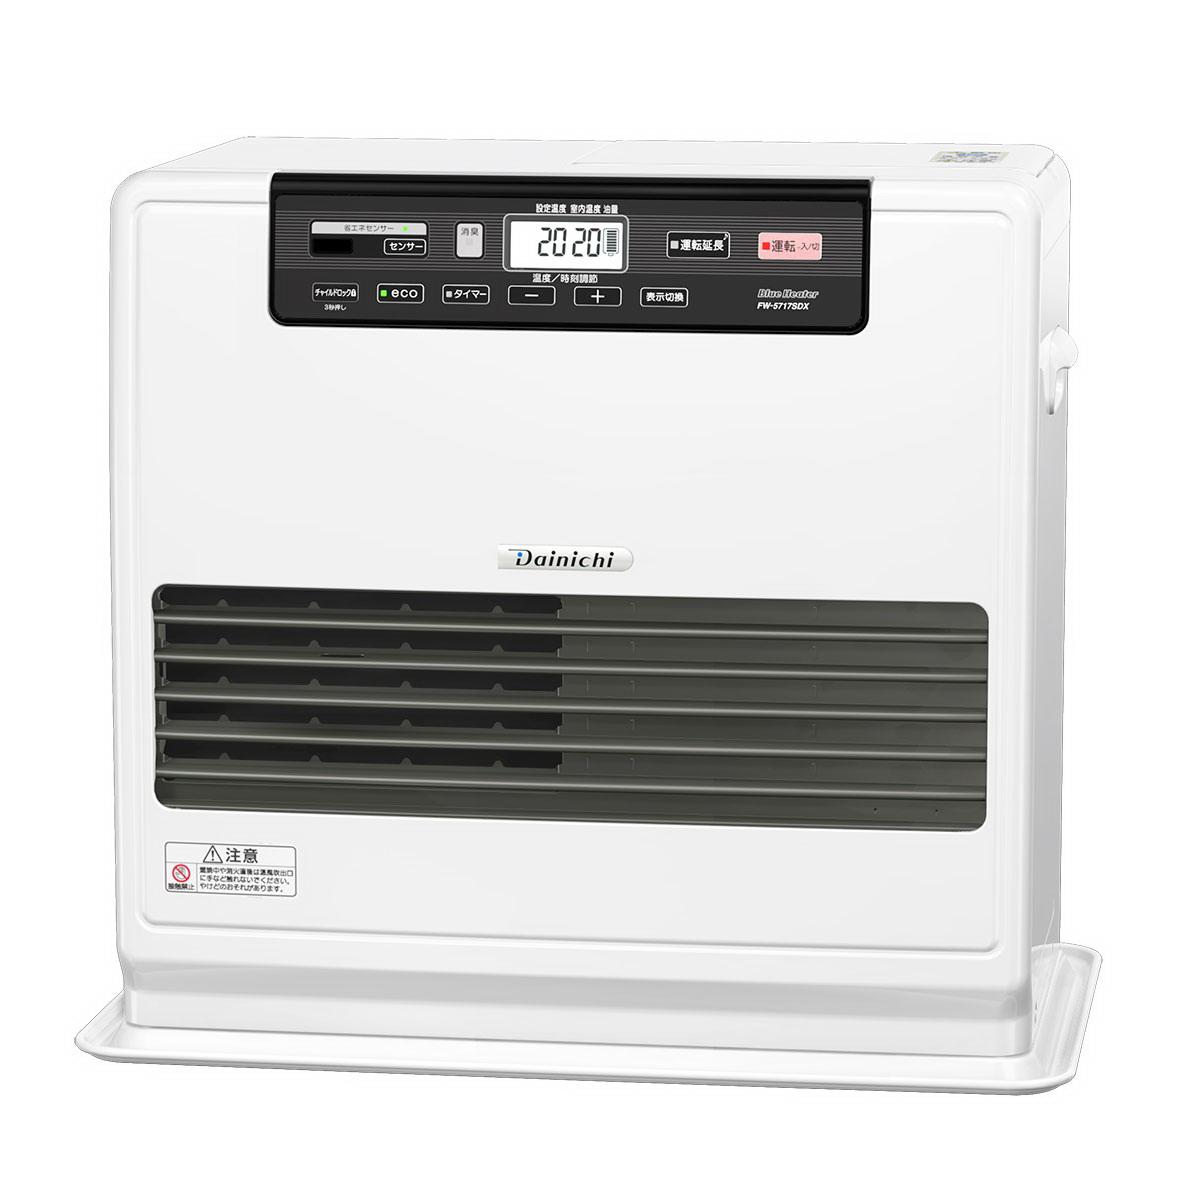 【大感謝価格】ダイニチ 家庭用石油ファンヒーター クールホワイト FW-5717SDX-W